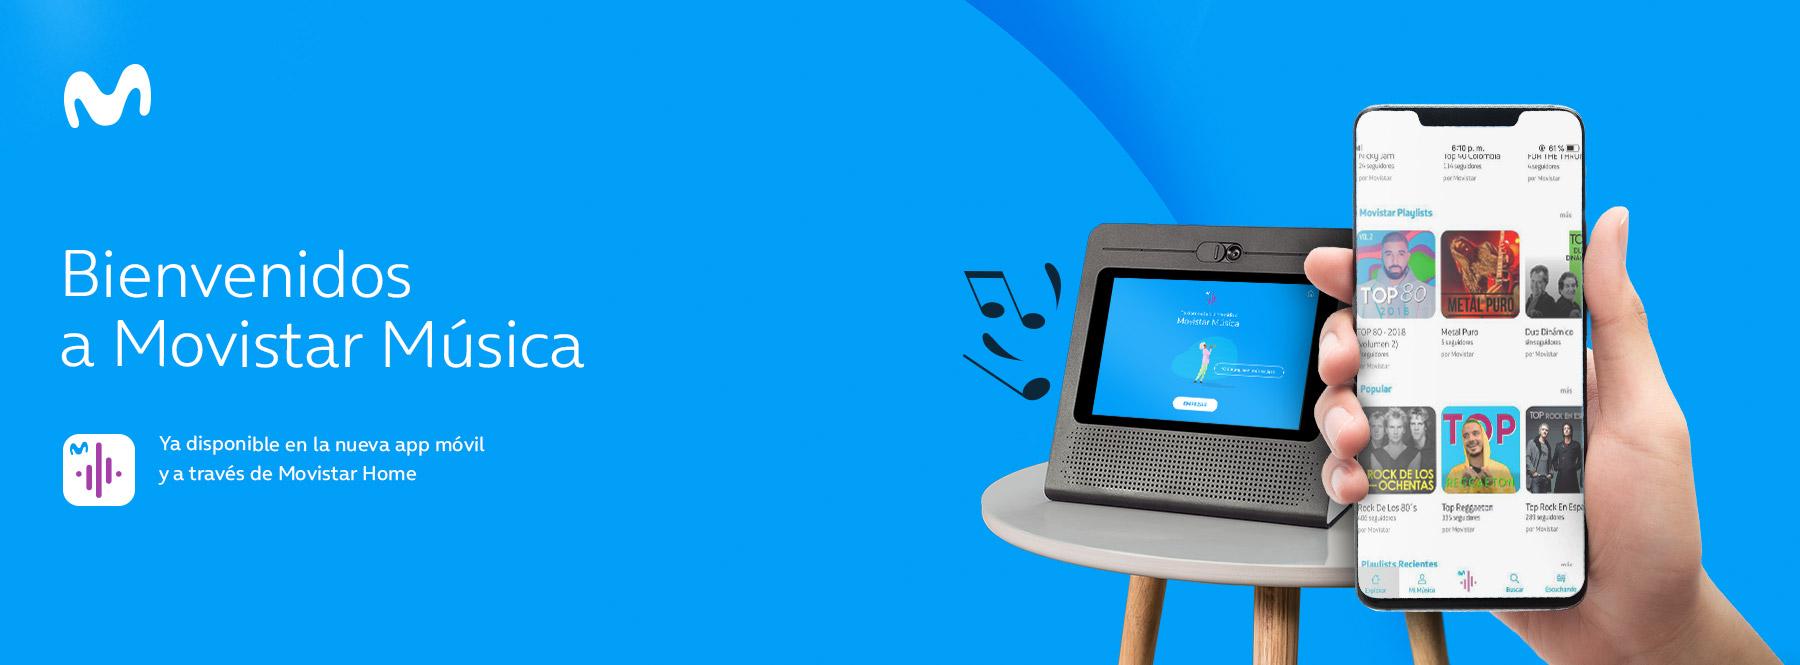 Movistar Música: cómo escuchar música en streaming, sin publicidad y con más de 50 millones de temas